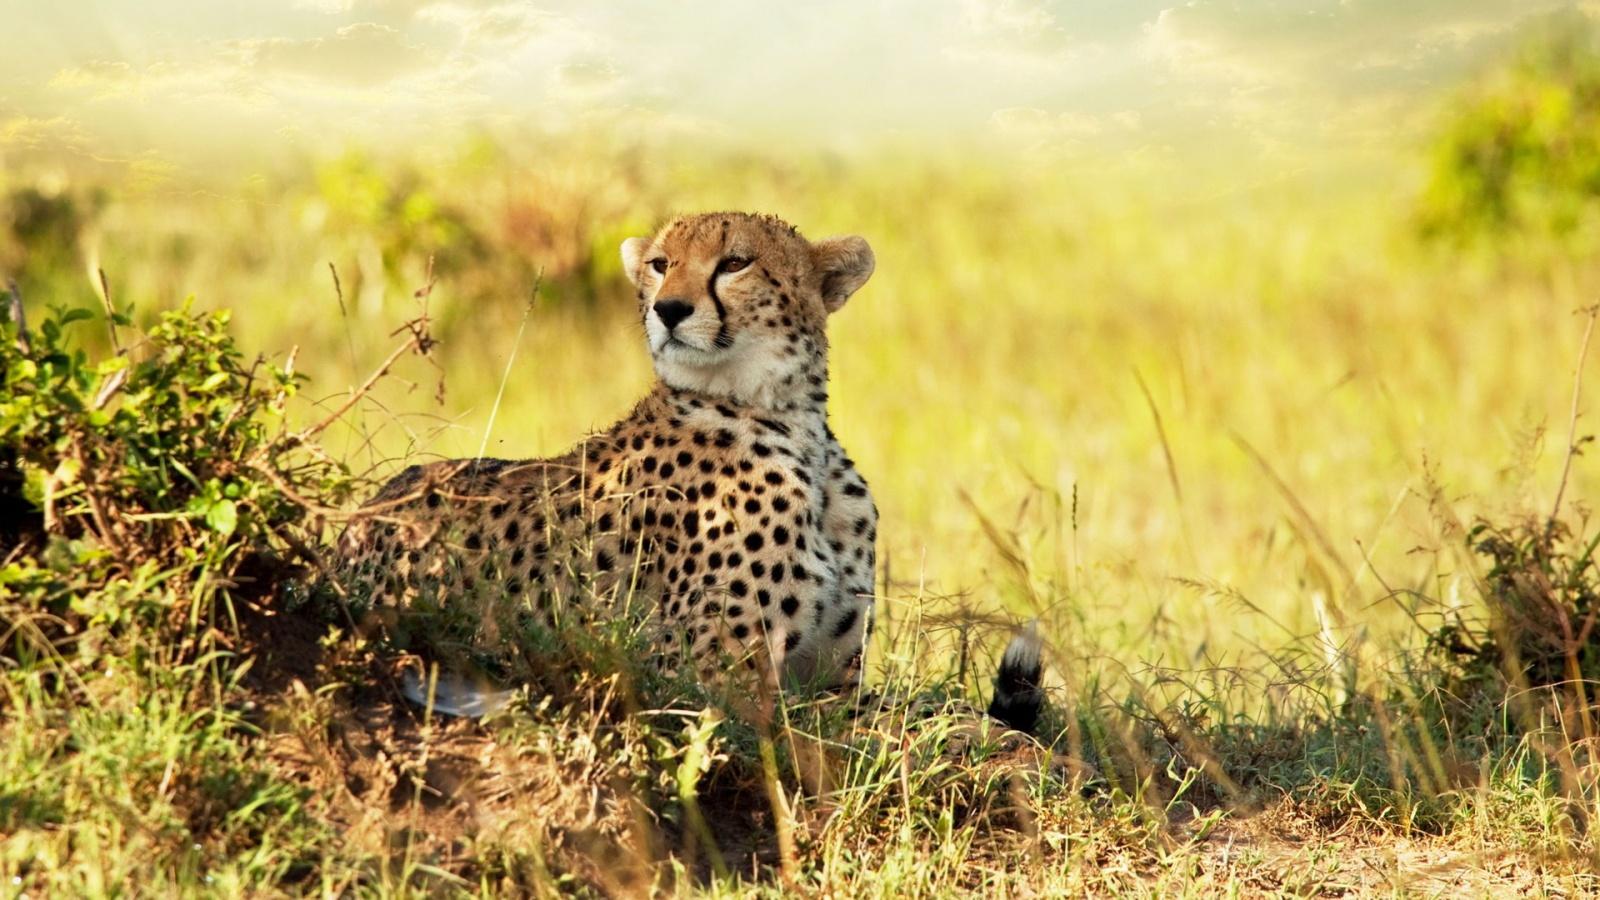 Africa Cheetah Wallpaper